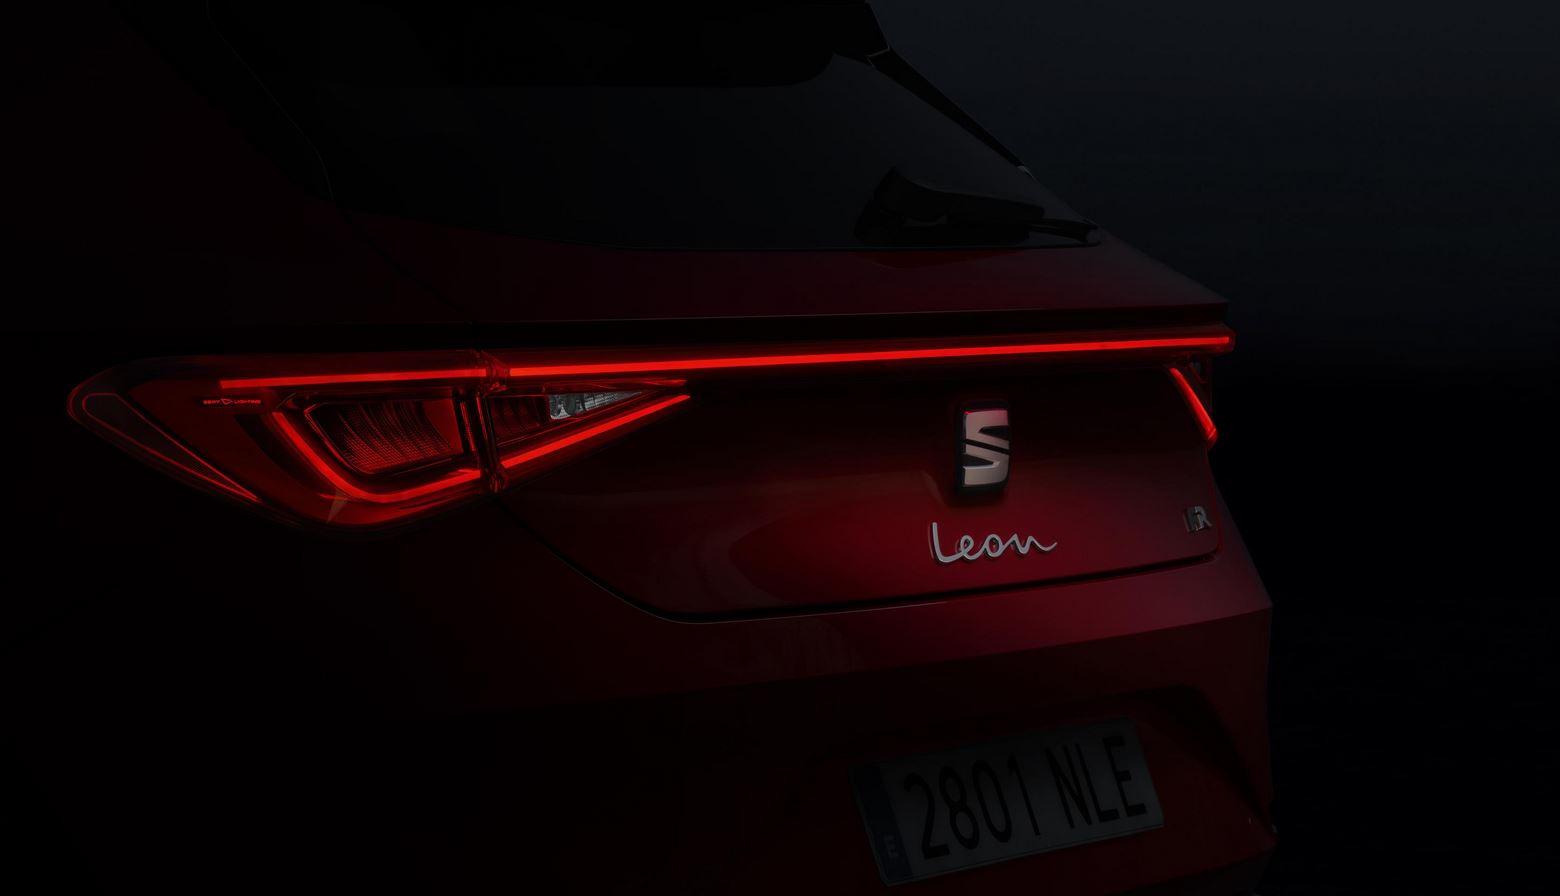 El nuevo diseño del León